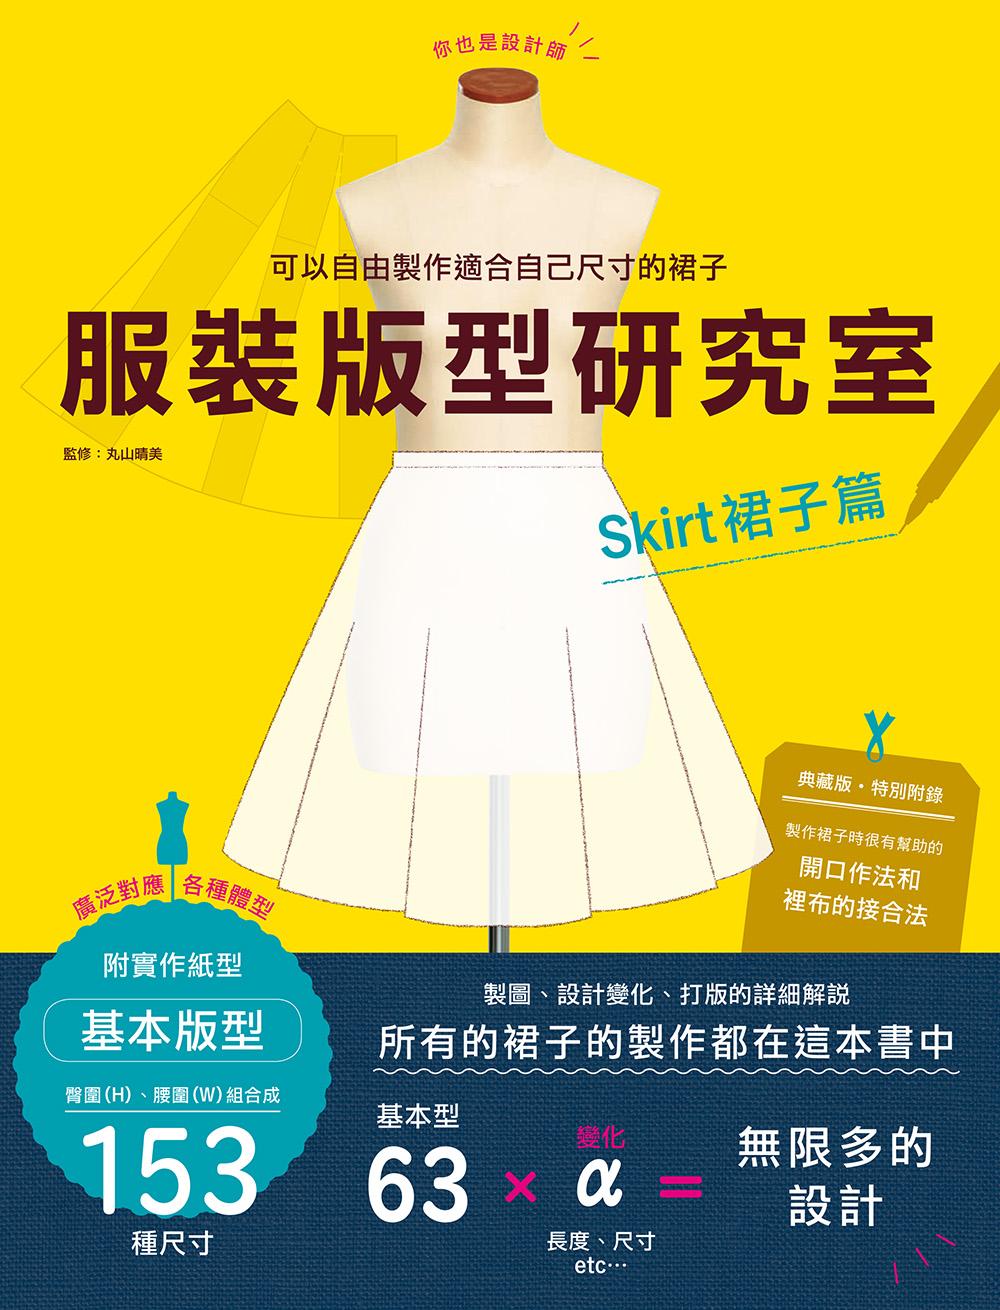 ◤博客來BOOKS◢ 暢銷書榜《推薦》服裝版型研究室 裙子篇:製圖、設計變化、打版的詳細解說,自由製作適合自己的裙子